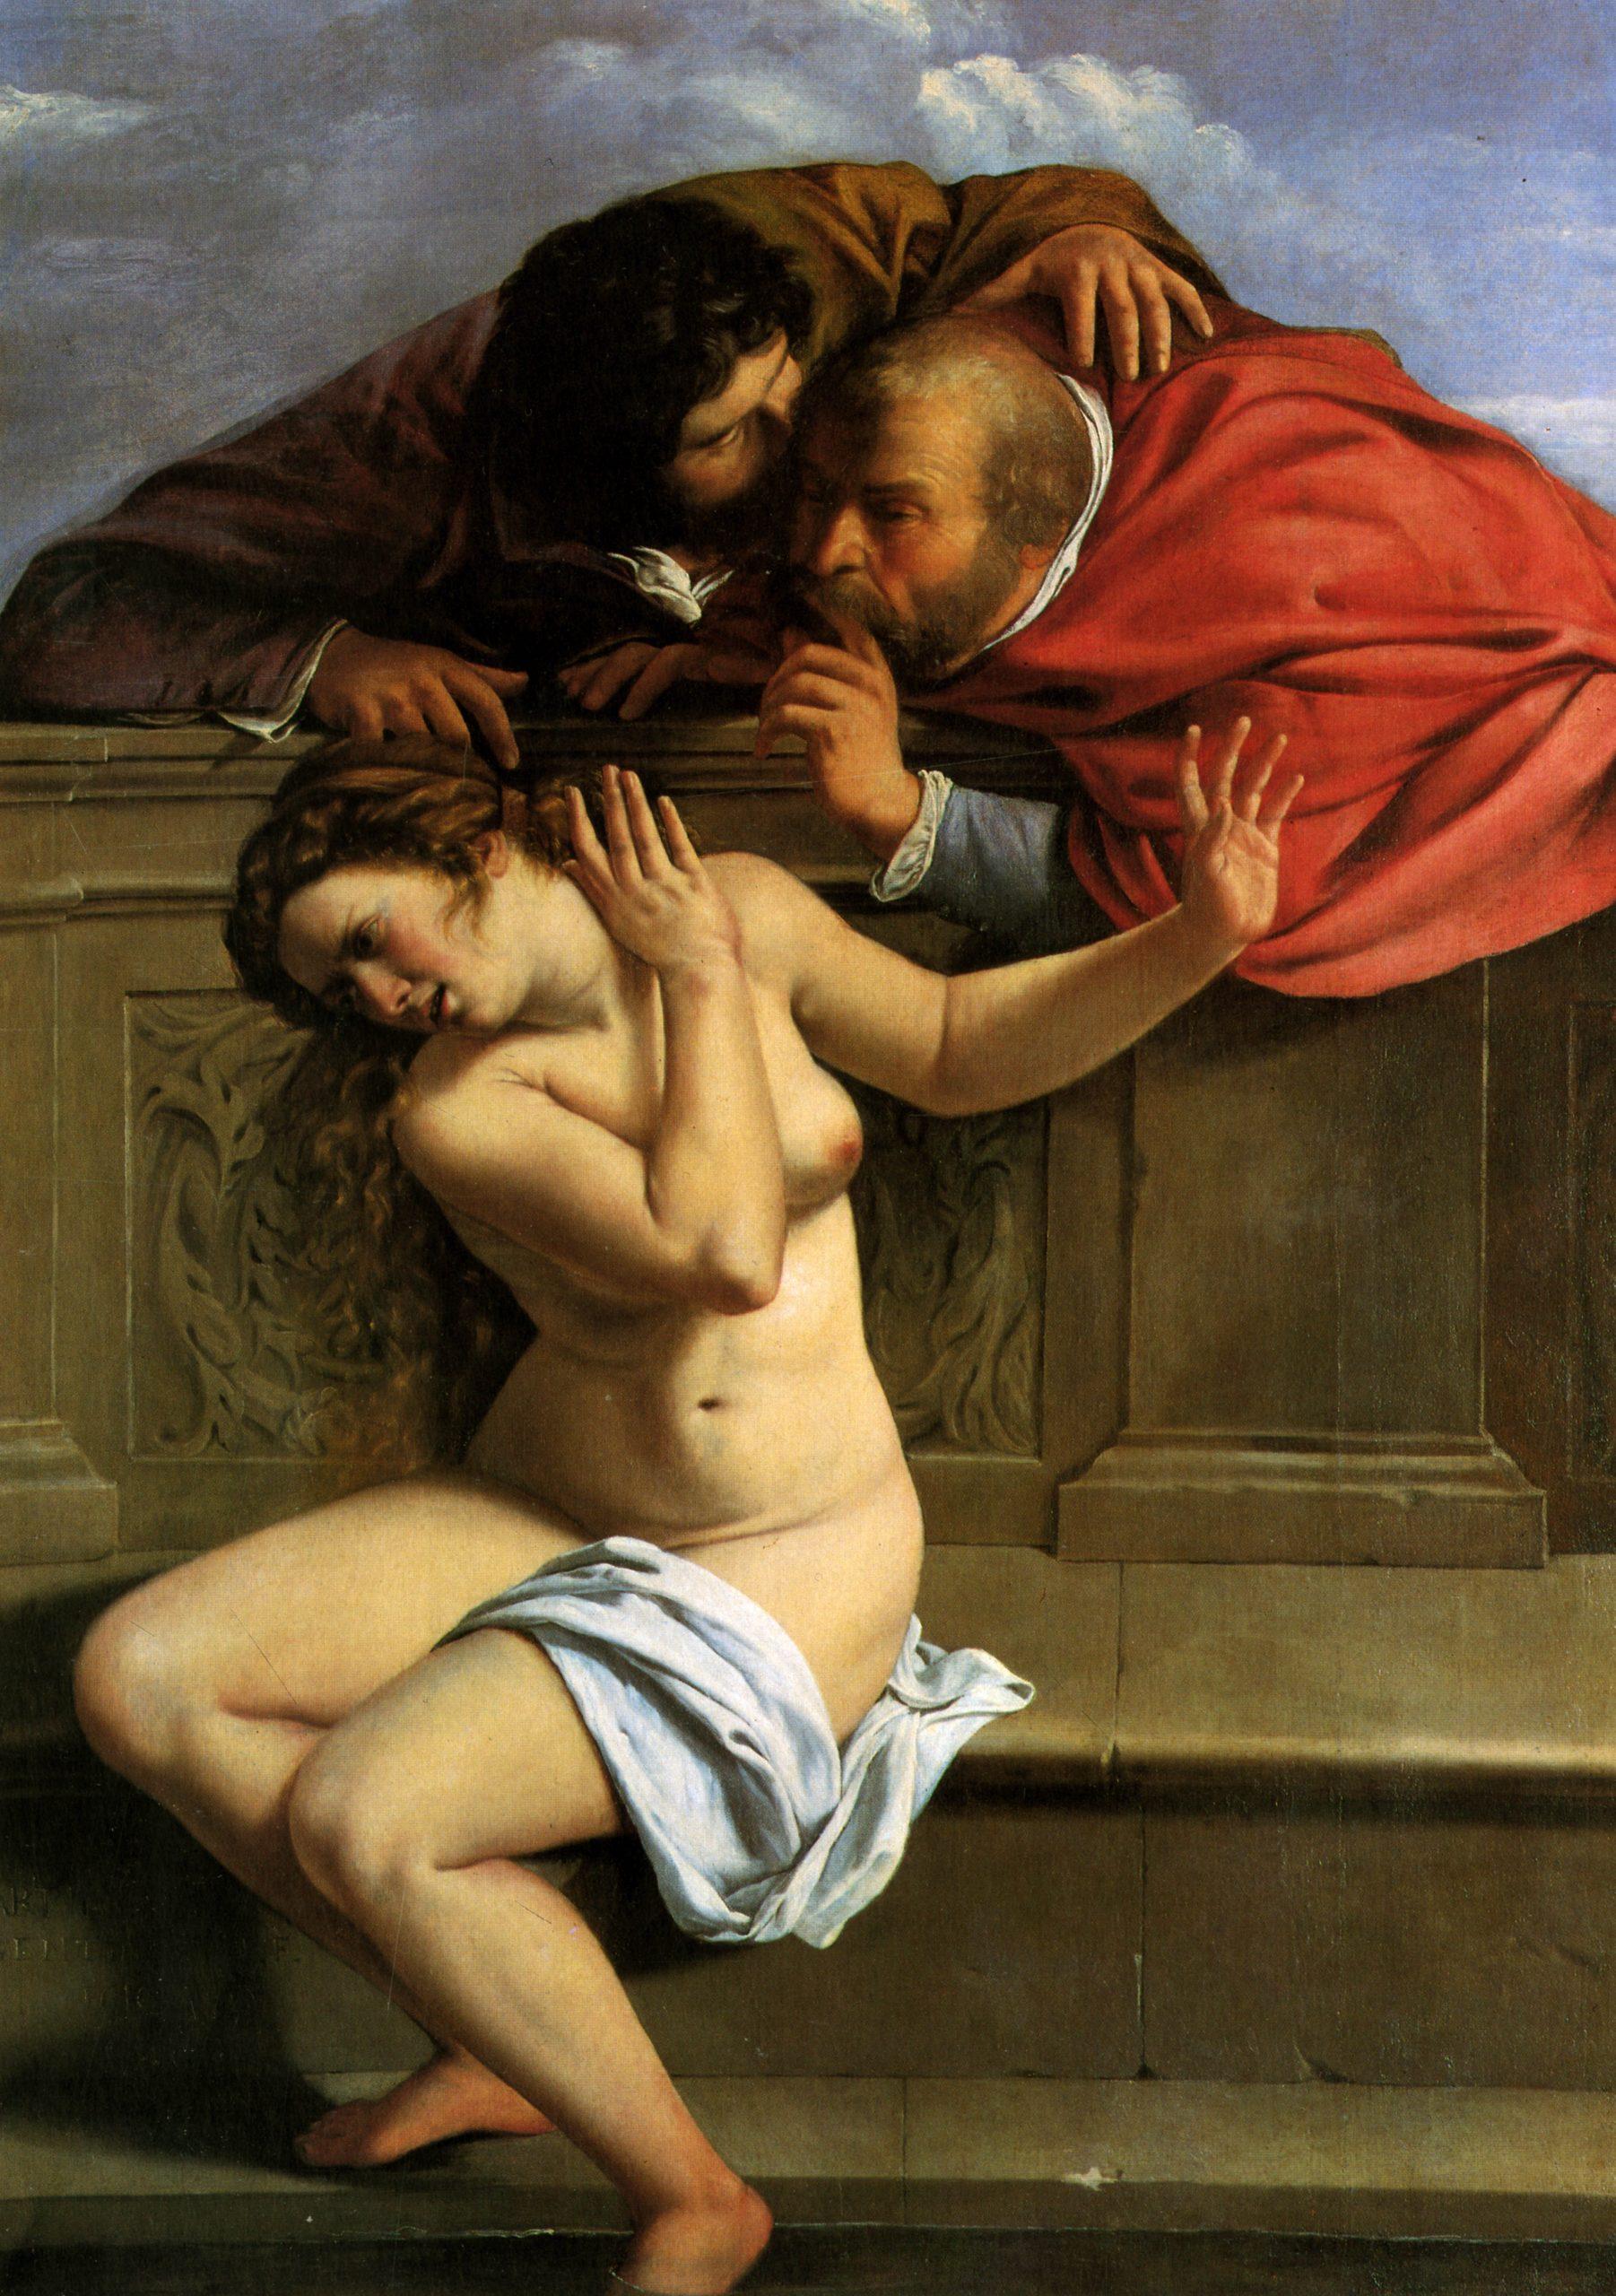 Artemisia Gentileschi. Susana y los viejos, Colección Schönborn, Pommersfelden